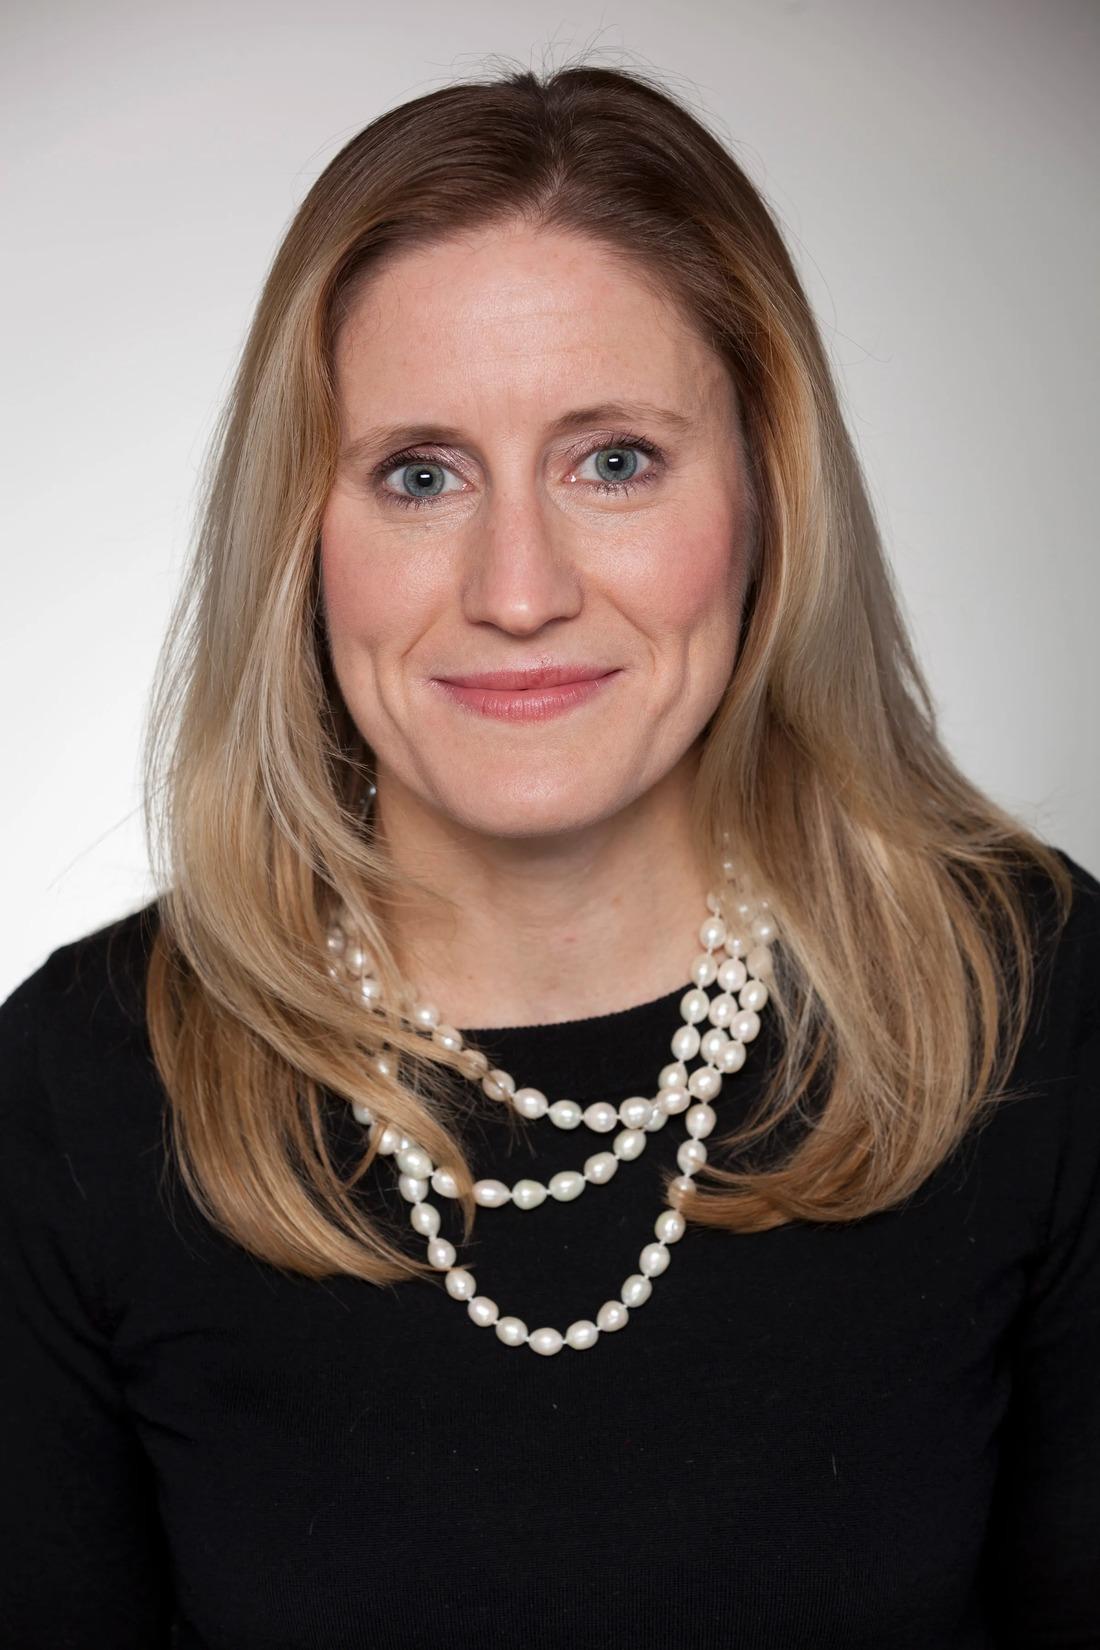 Carrie Liken Headshot.JPG